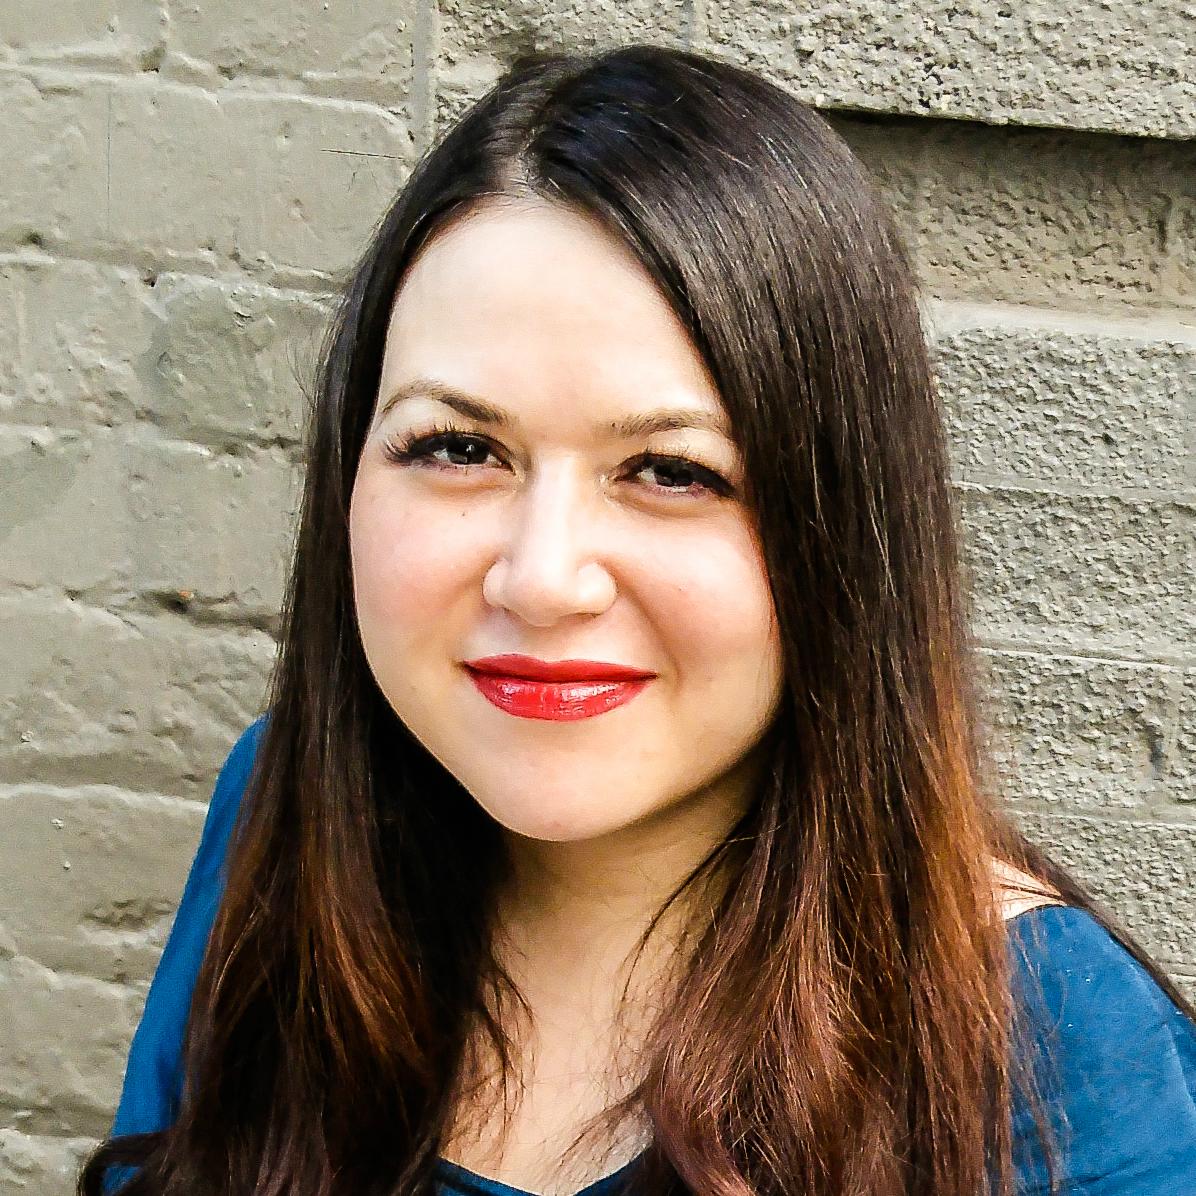 A photograph of Katie Moussouris.